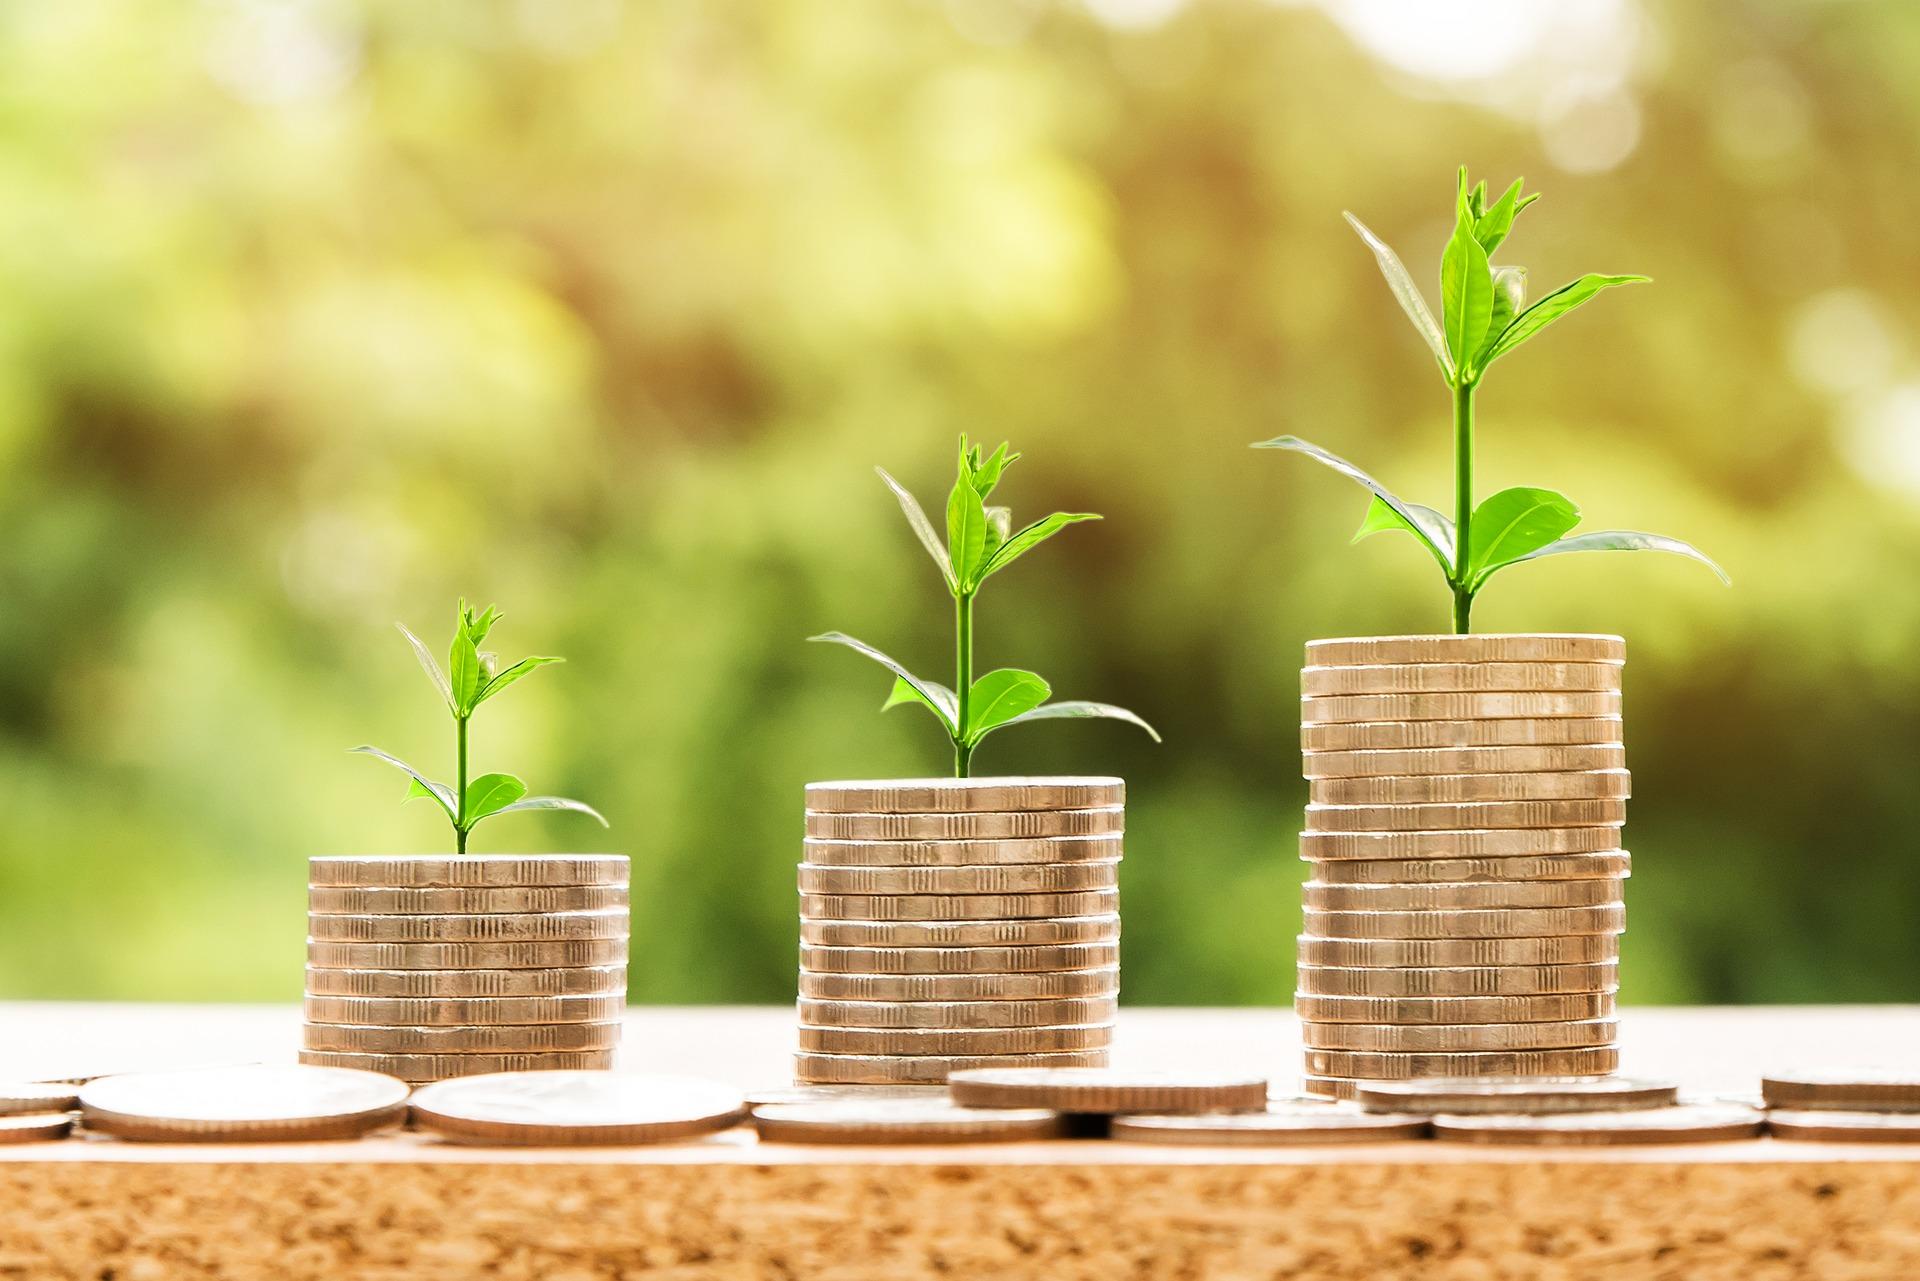 所得拡大促進税制(中小企業向け)の改正について